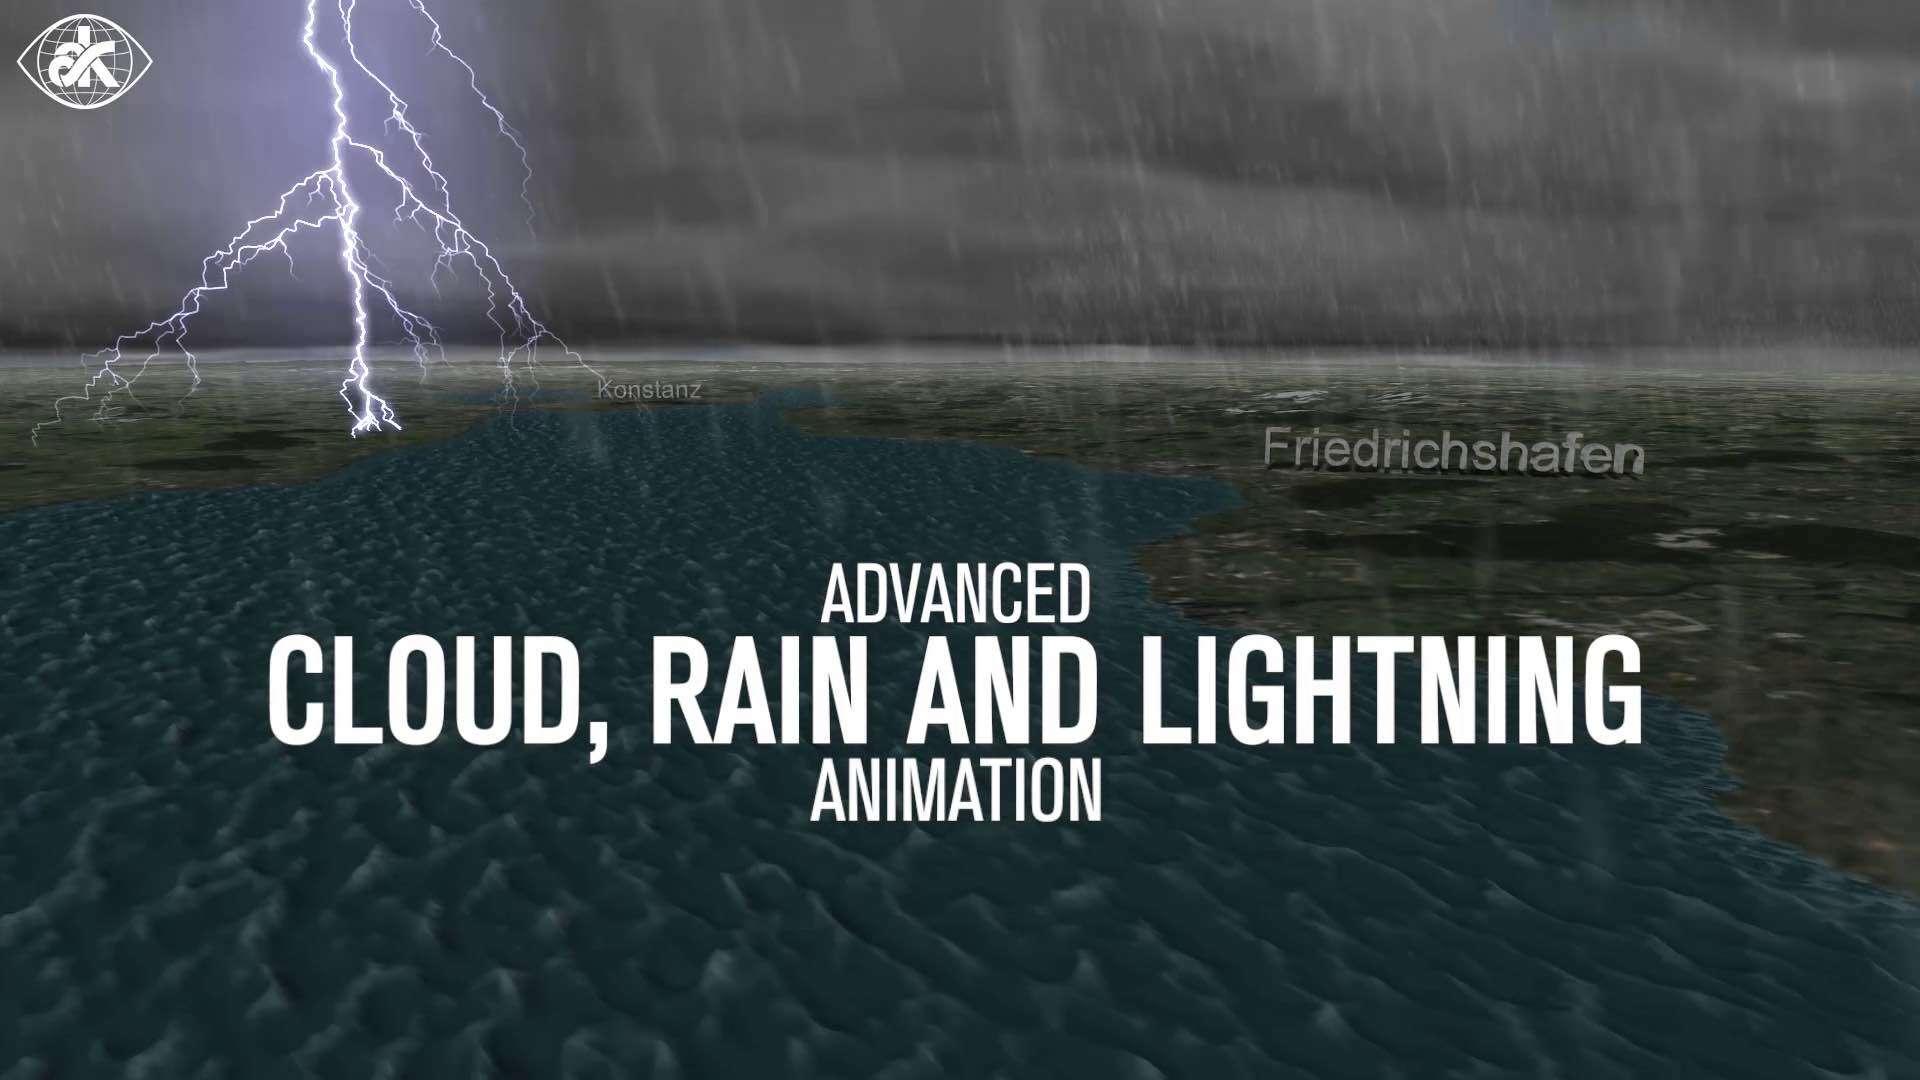 Animierter Kartenausschnitt zeigt einen Teil des Bodensees und der Städte Friedrichshafen und Konstanz bei einem Gewitter